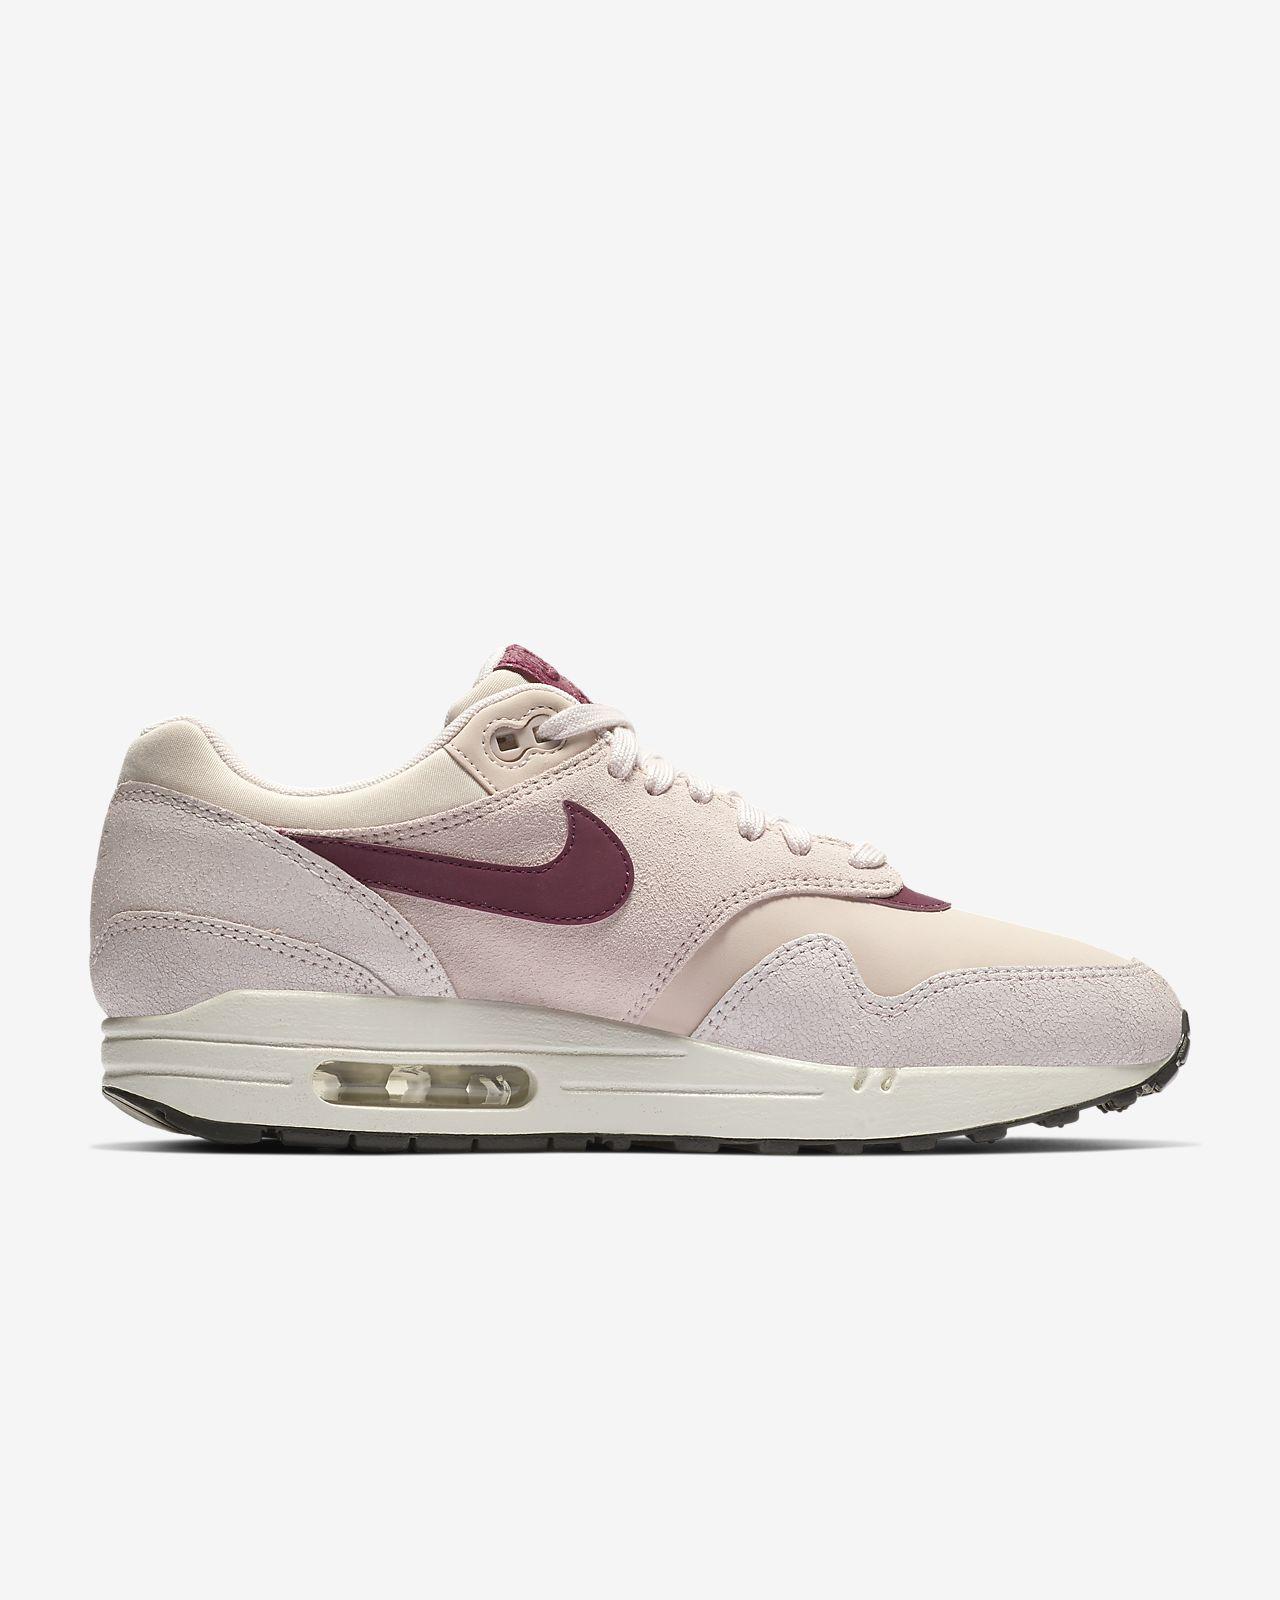 half off de59b 1e2ec ... Nike Air Max 1 Premium Women s Shoe